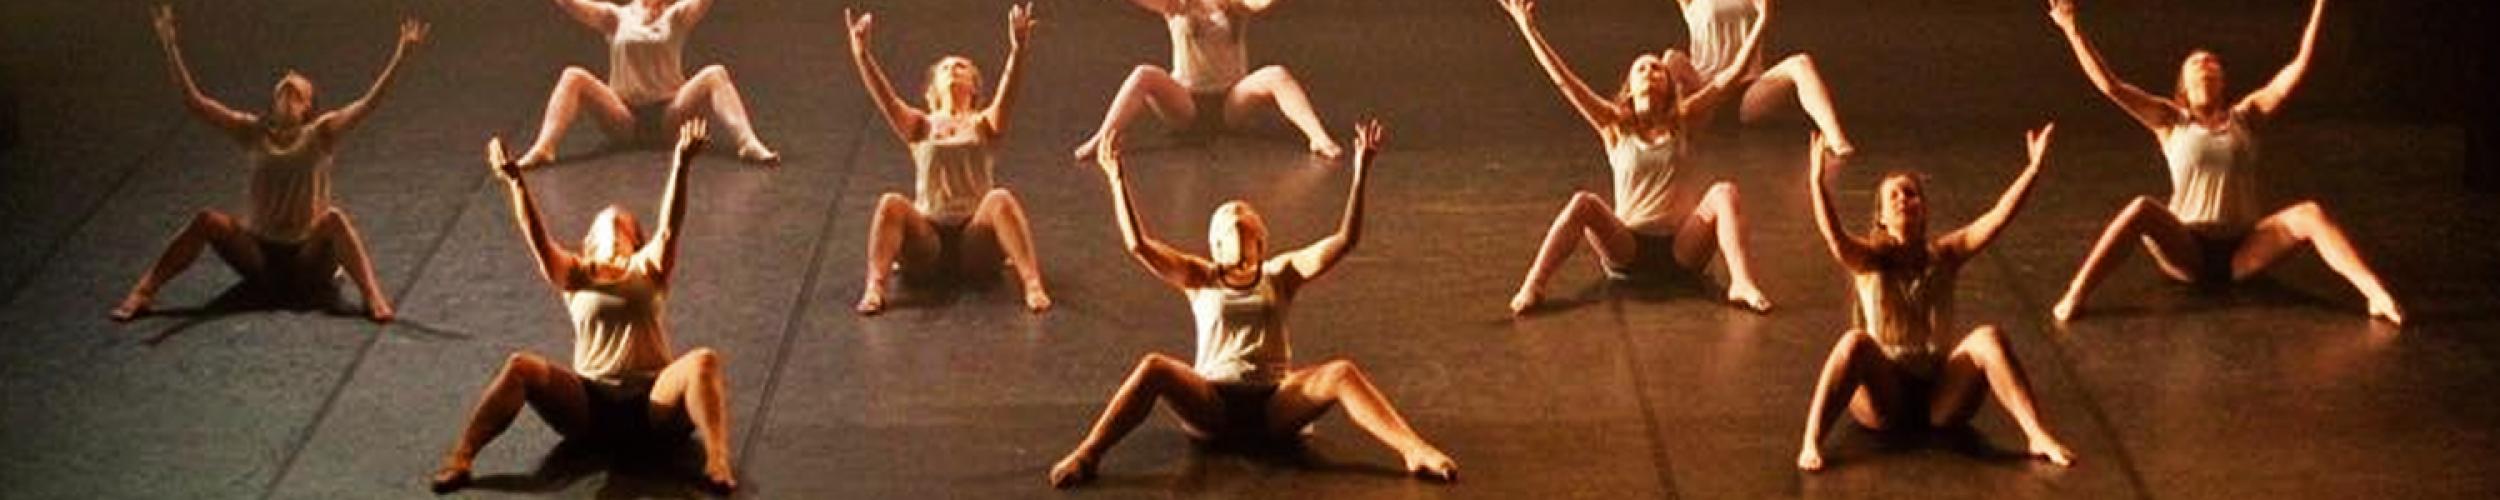 Verlang naar je eigen dansoptreden bij het zien van prachtige dansfoto's